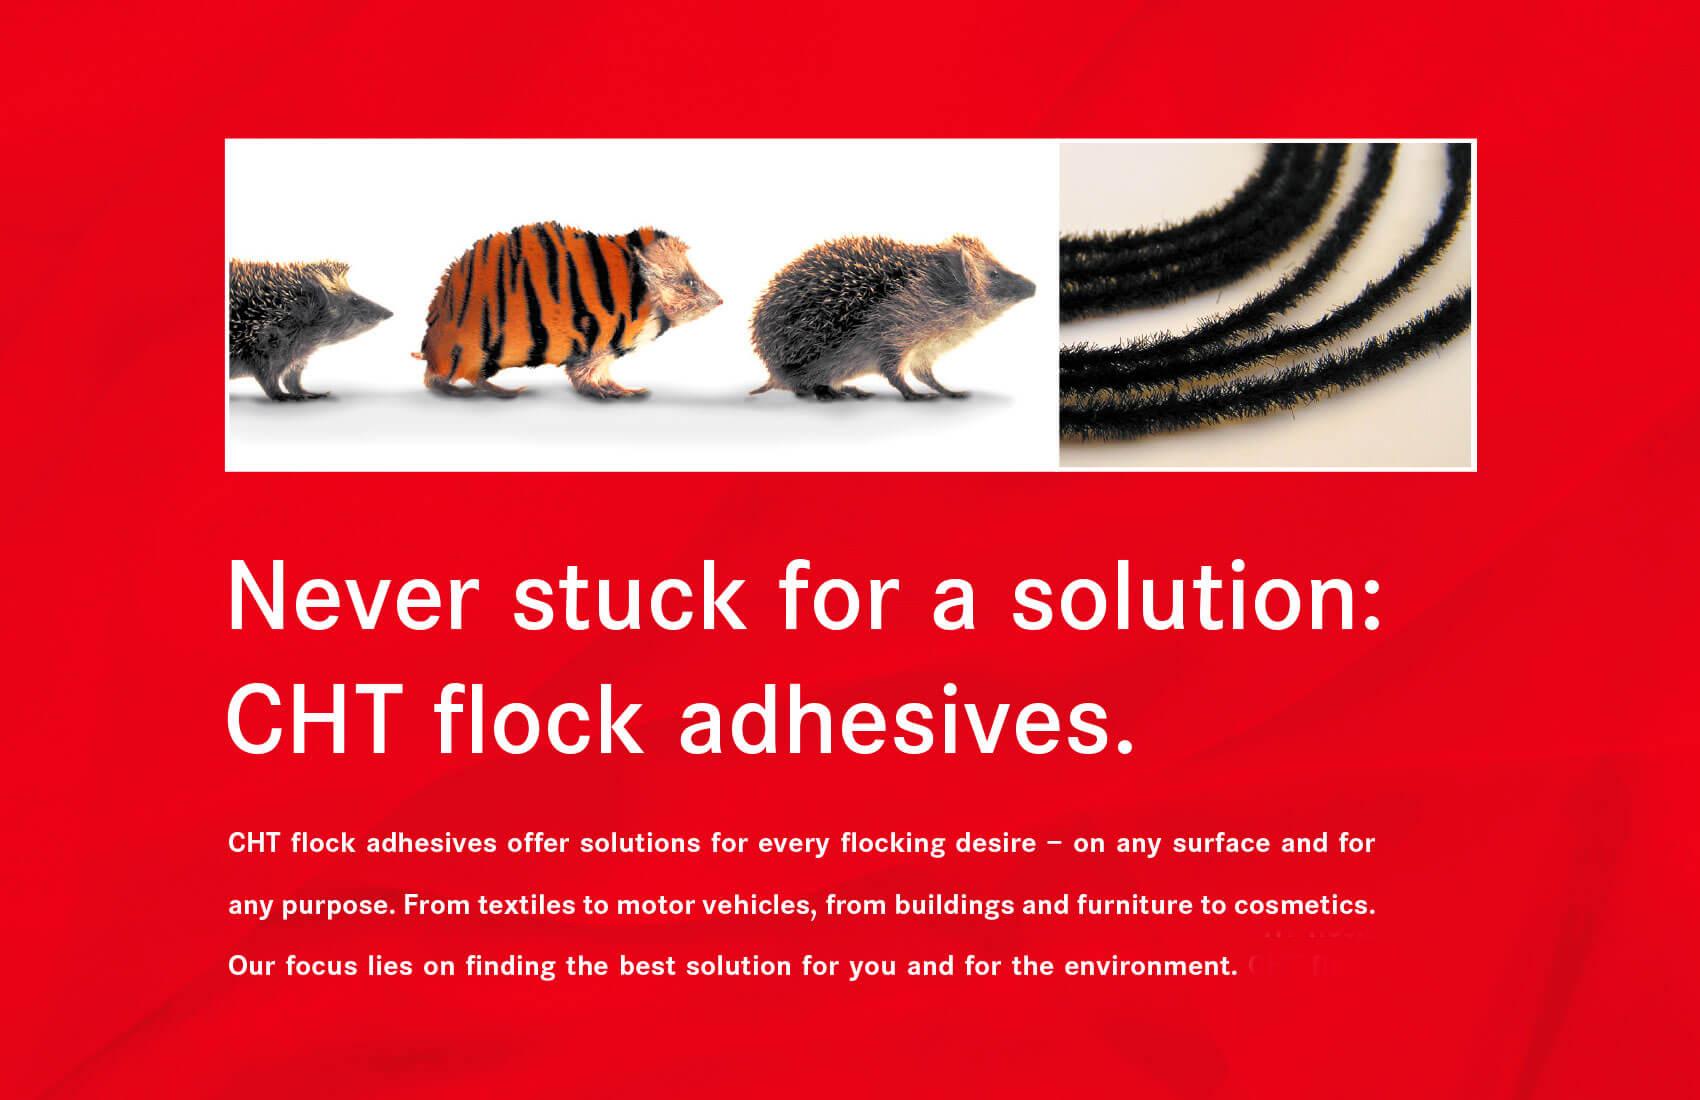 Ein Igel mit Tigerfell stellt für die Beflockungsprodukte von CHT: alles ist möglich.